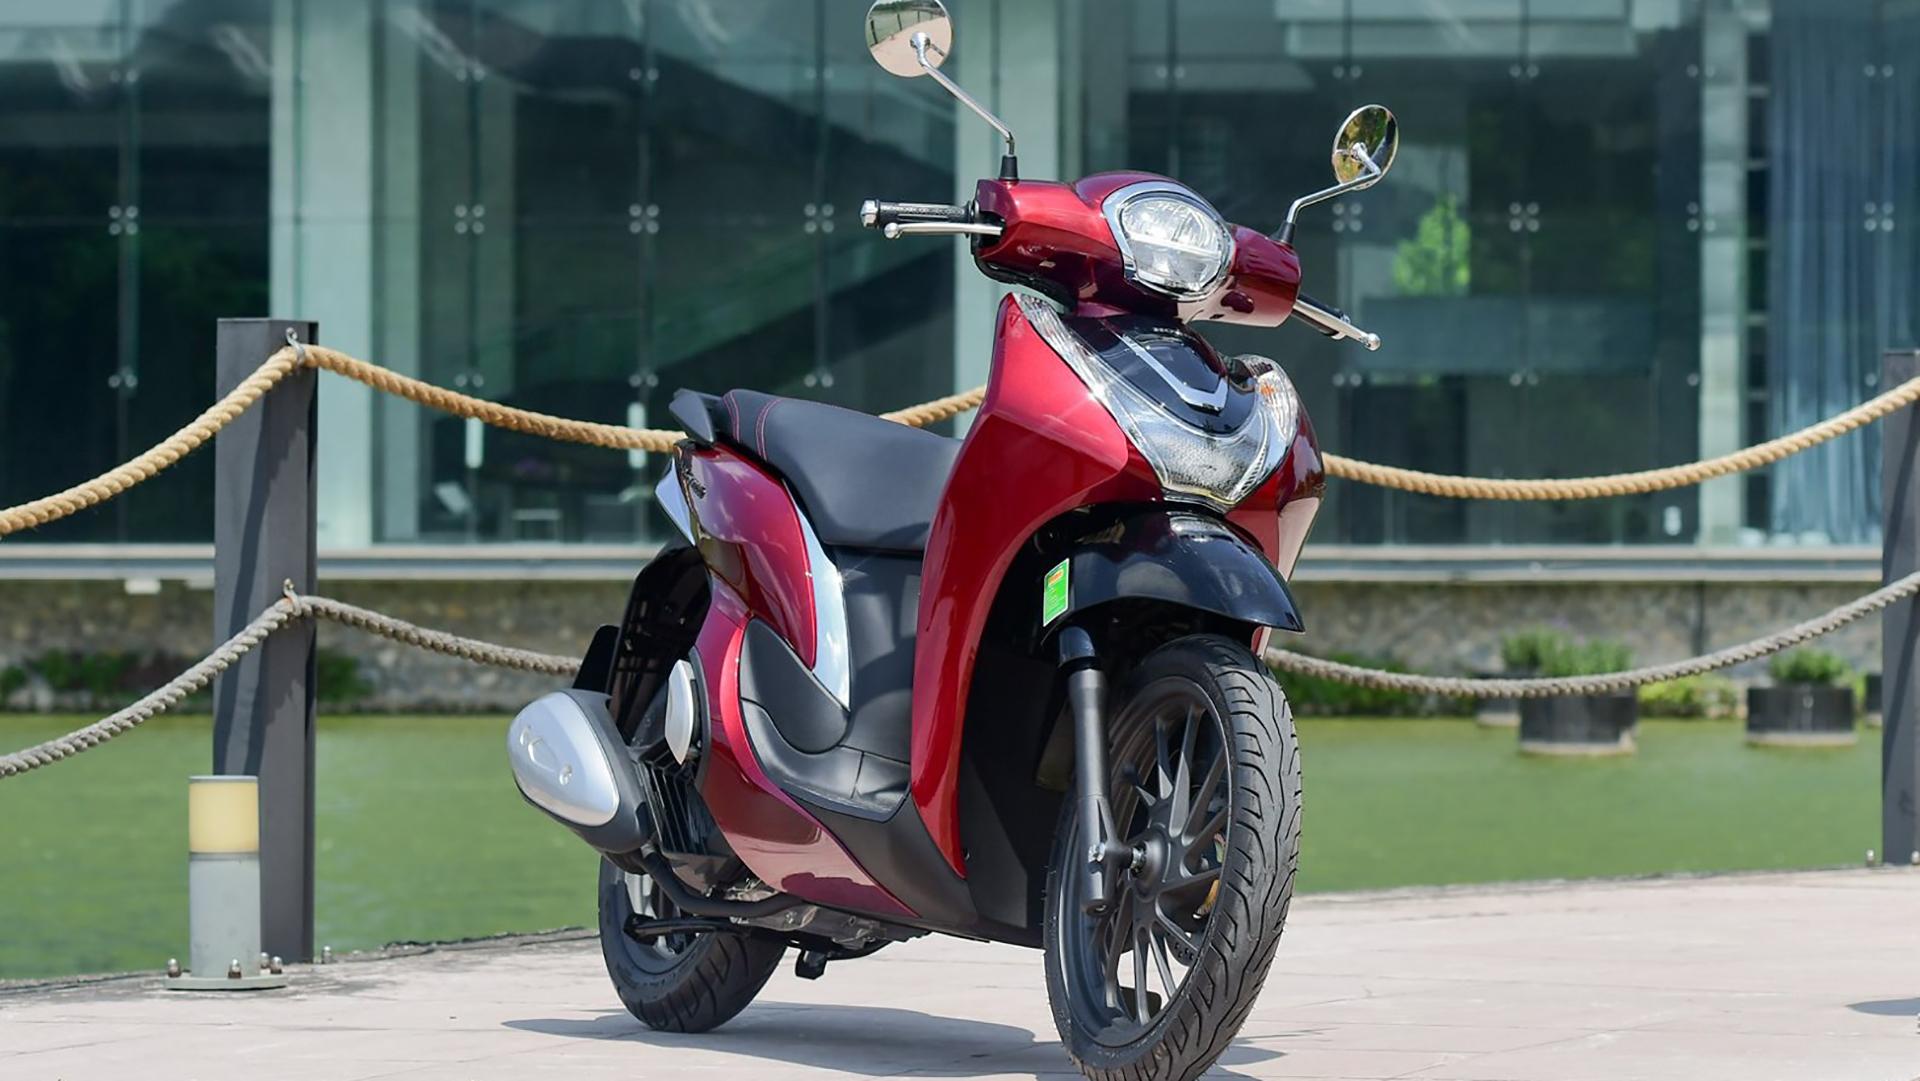 """Chạy thử và đánh giá Honda Sh mode 2021 - Thiết kế đẹp, máy êm, ăn xăng như """"ngửi""""?"""